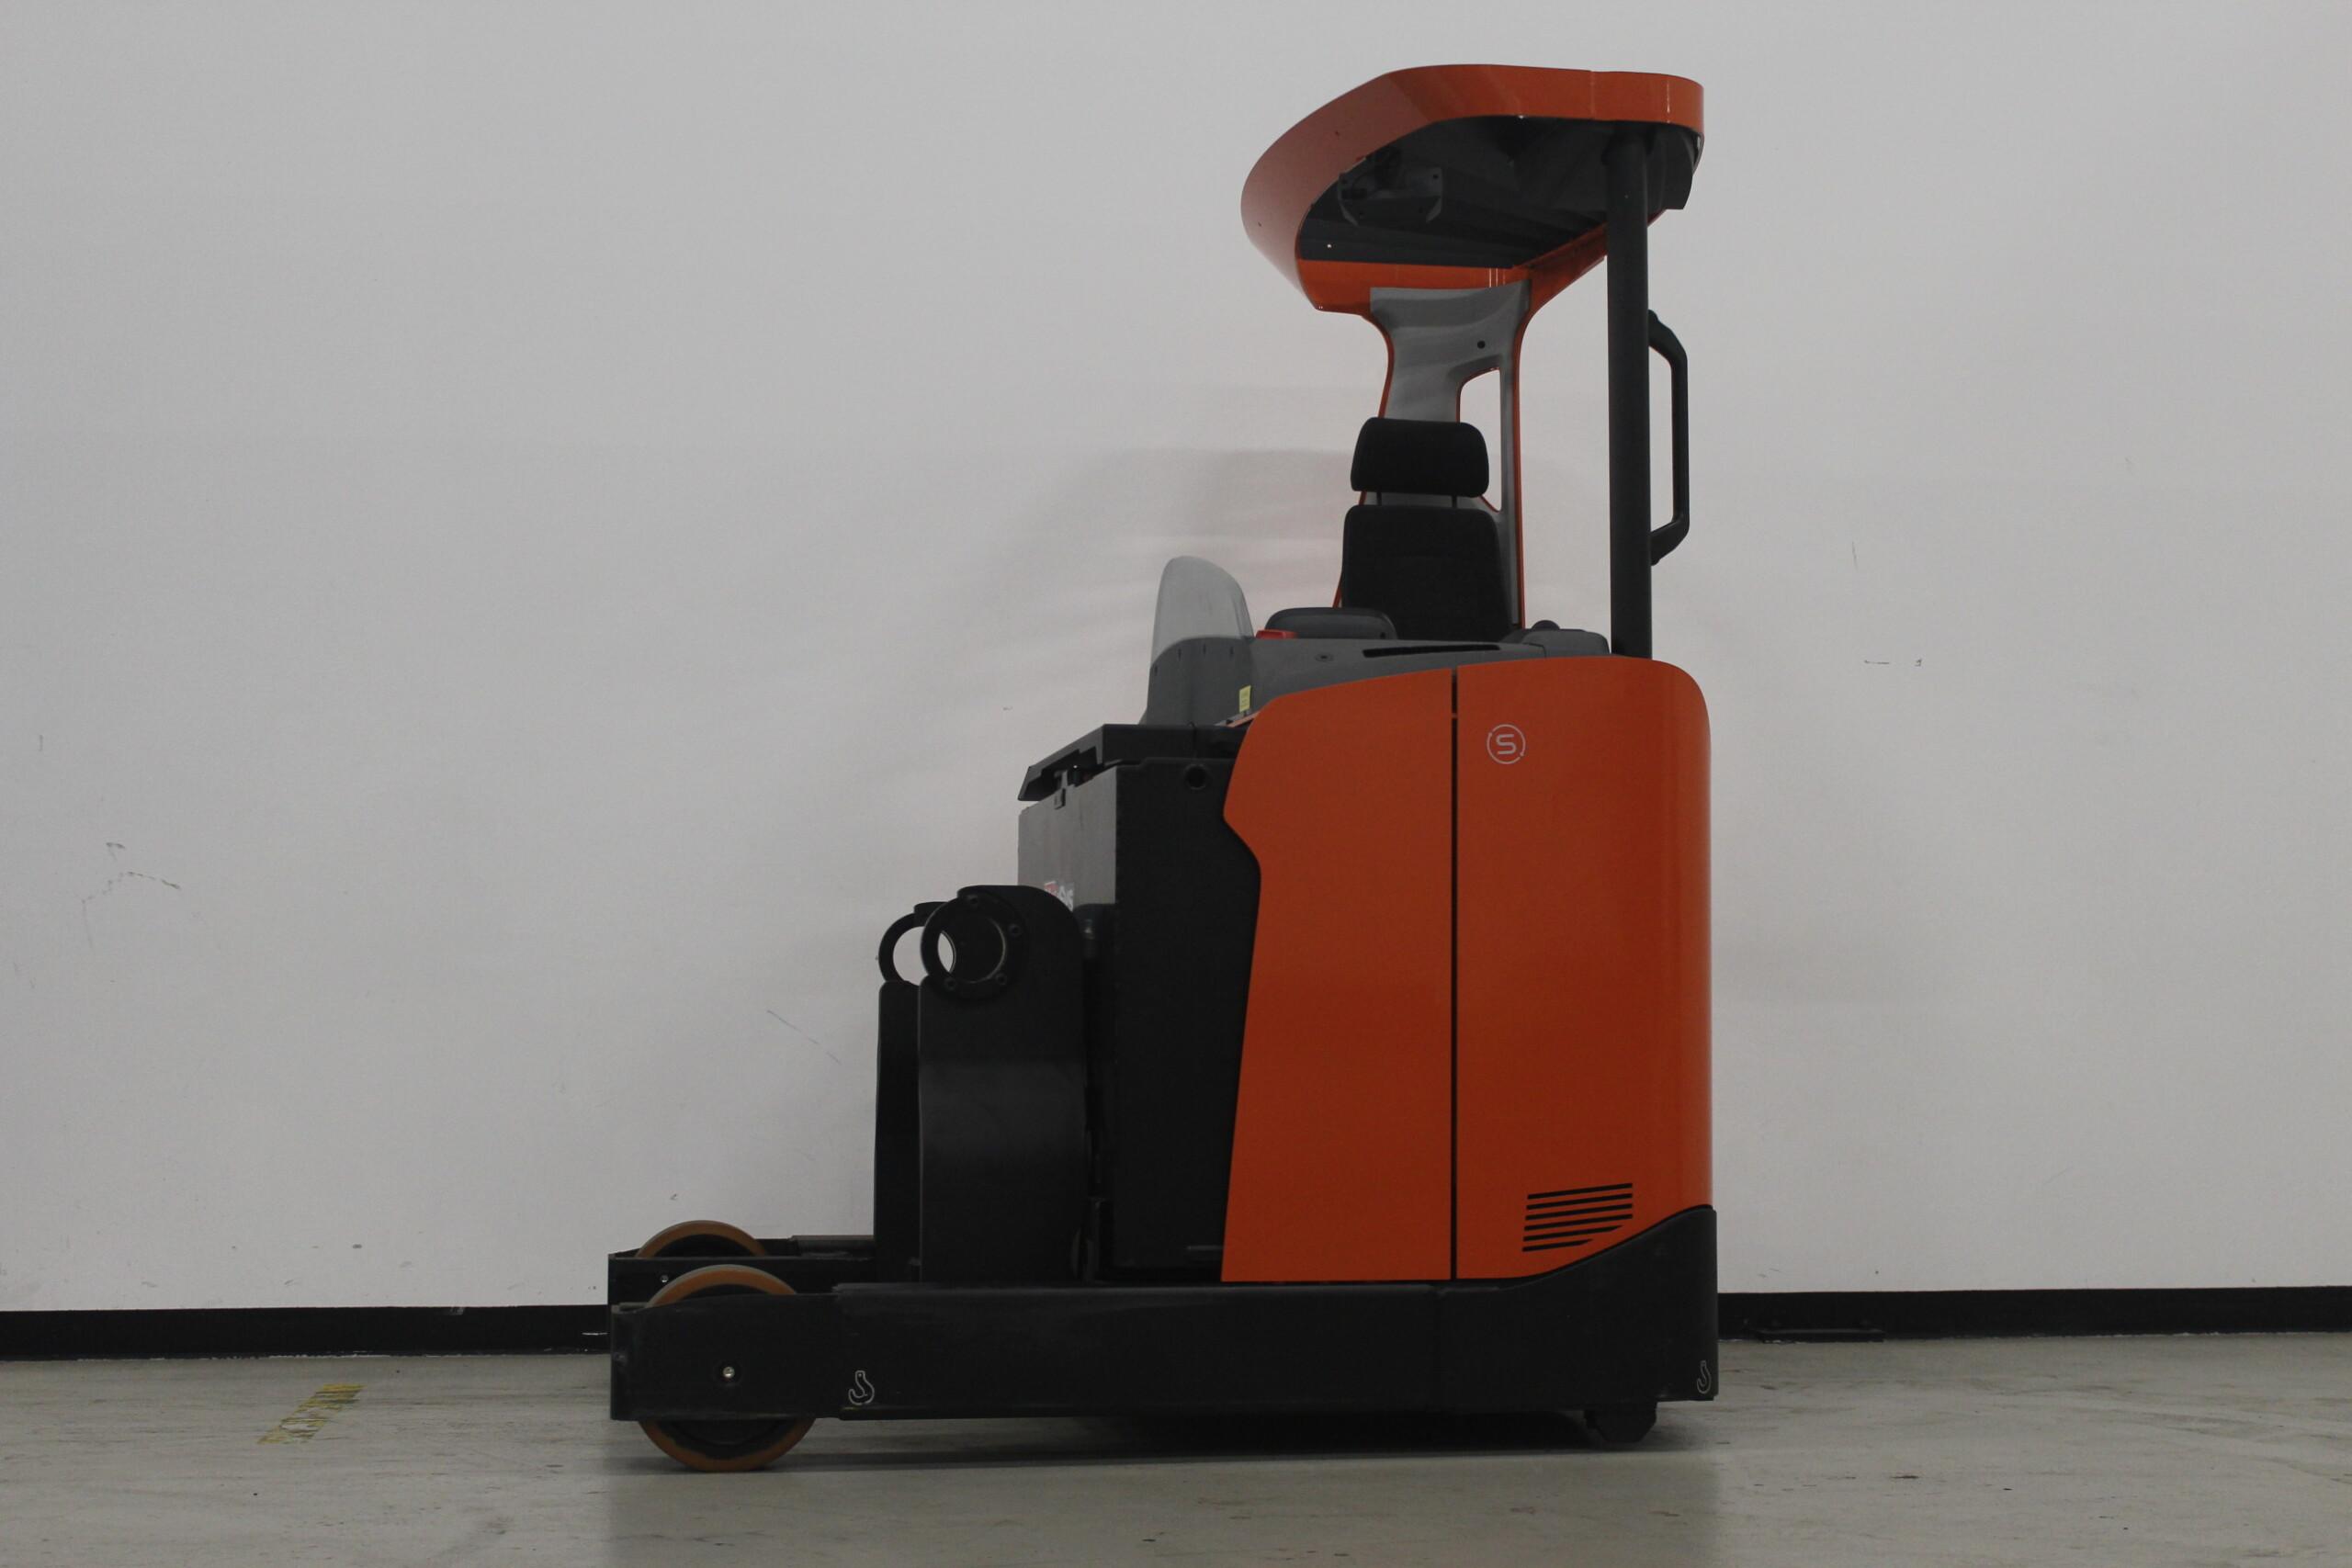 Toyota-Gabelstapler-59840 1907953480 1 11 scaled